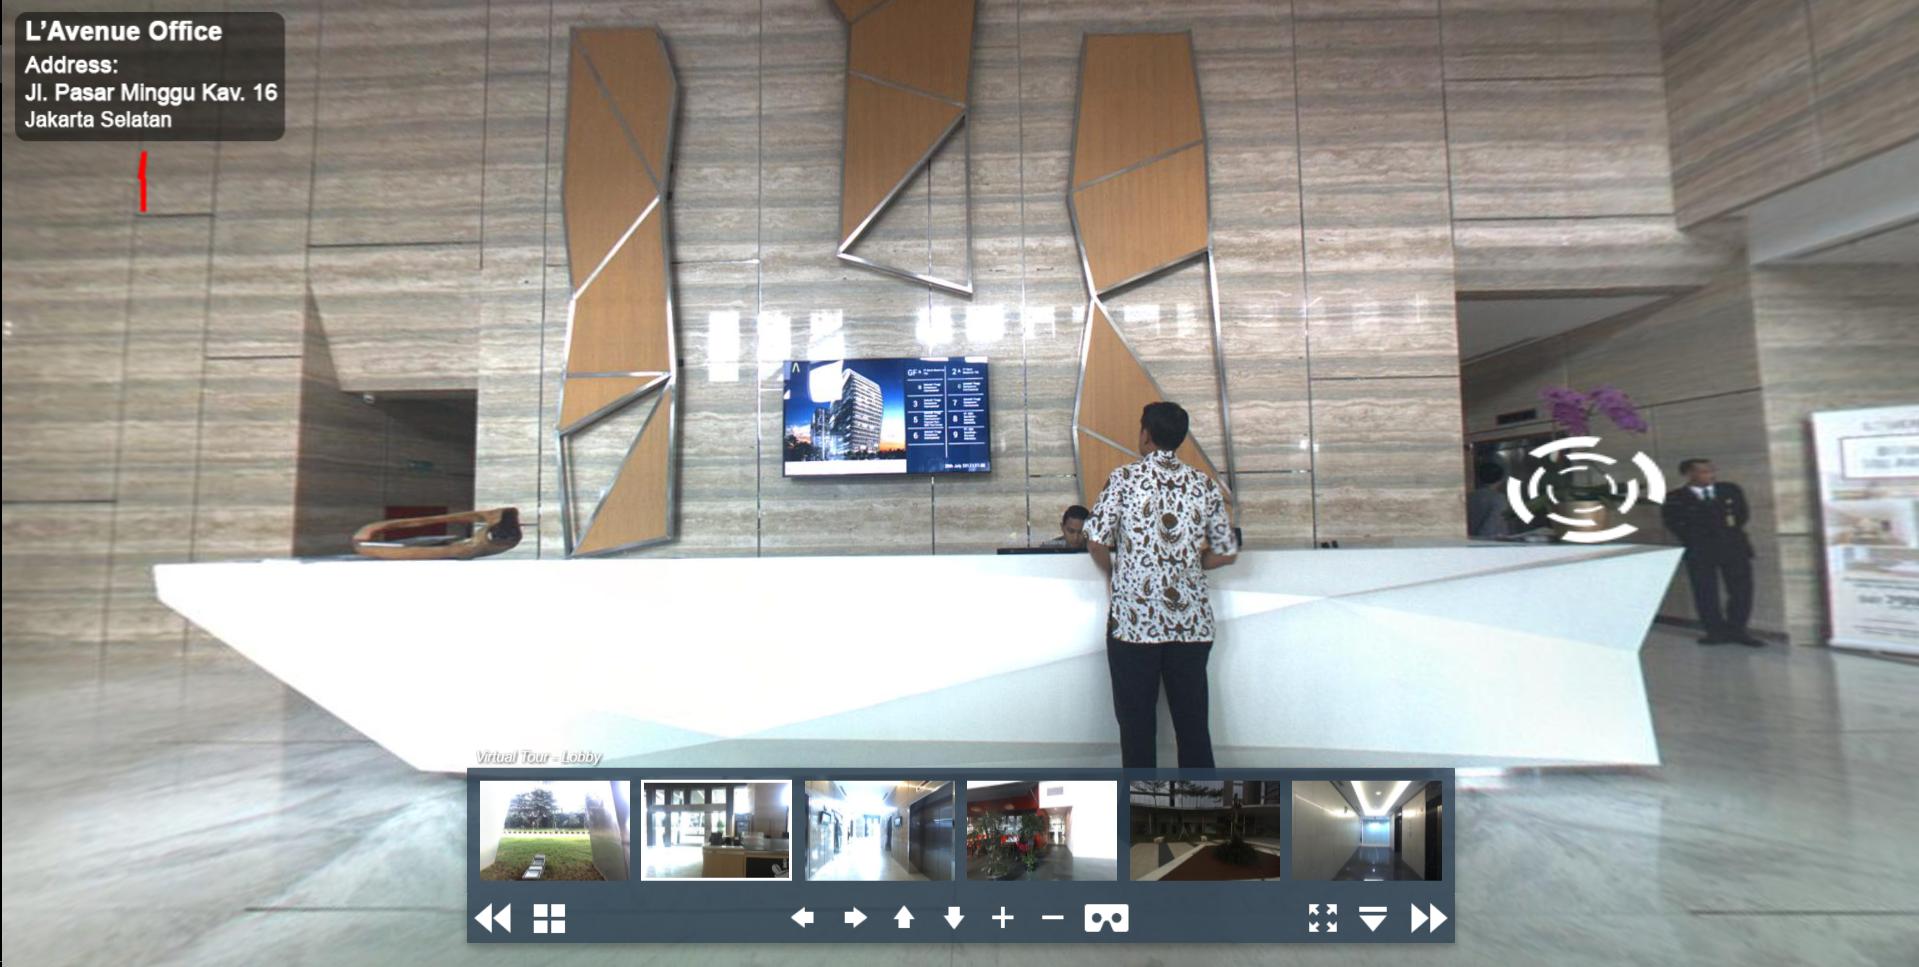 Sewa Kantor Gedung L' Avenue office Jakarta Selatan Pancoran  Jakarta Virtual Reality